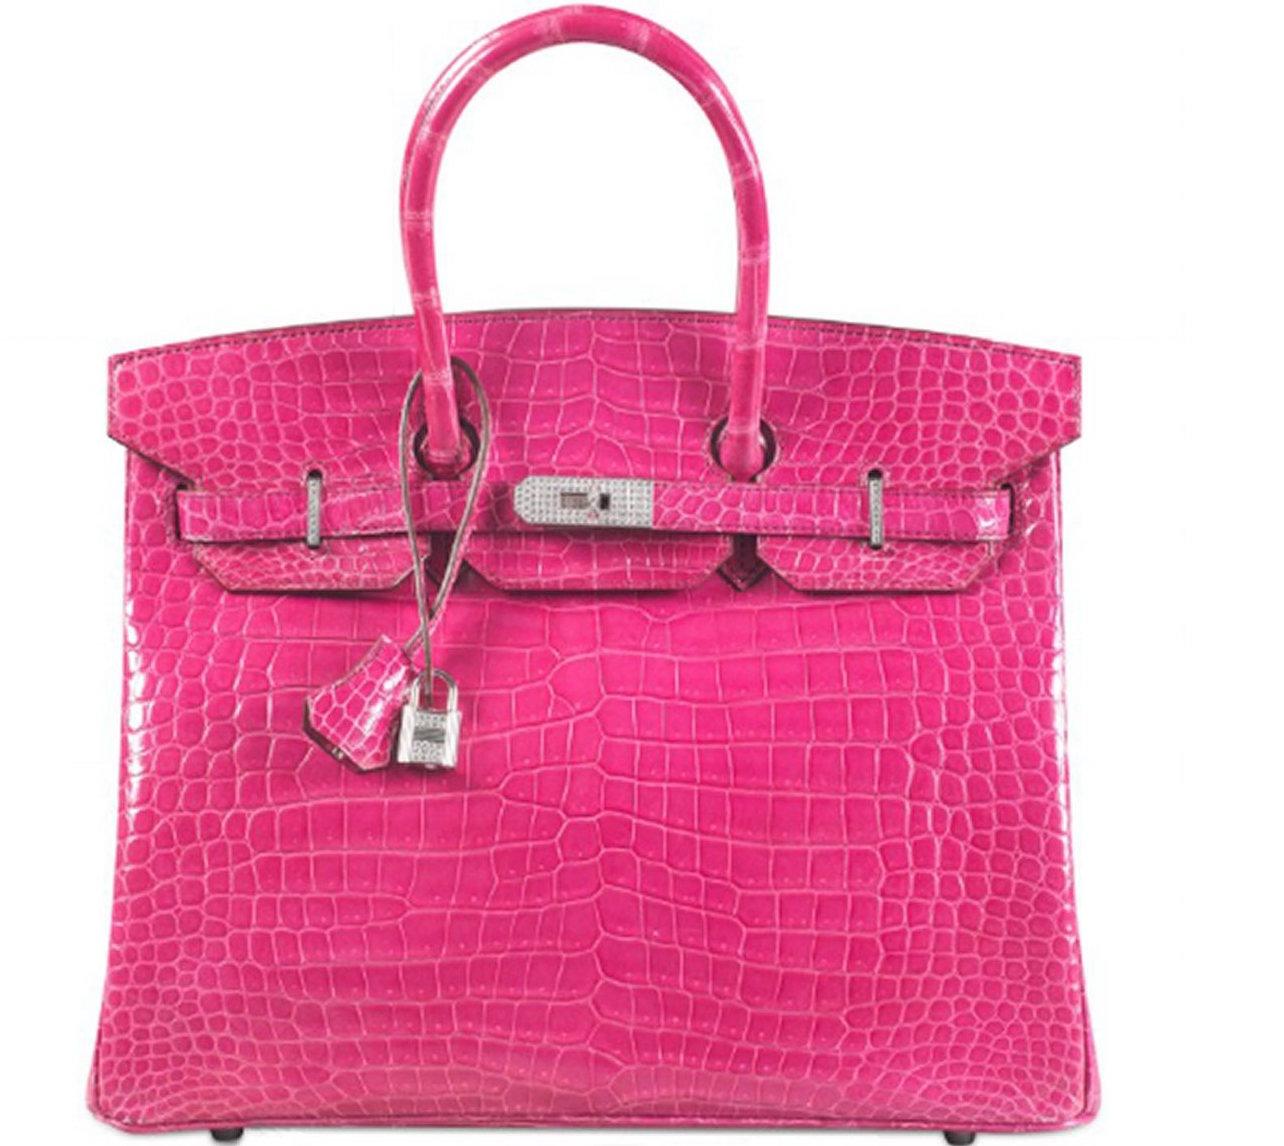 4ef6077802 Le Birkin par Hermès est l'un des sacs les plus populaires au monde. En  2015, ce sac rose serti d'or 18 carats et de diamants a été vendu aux  enchères par ...